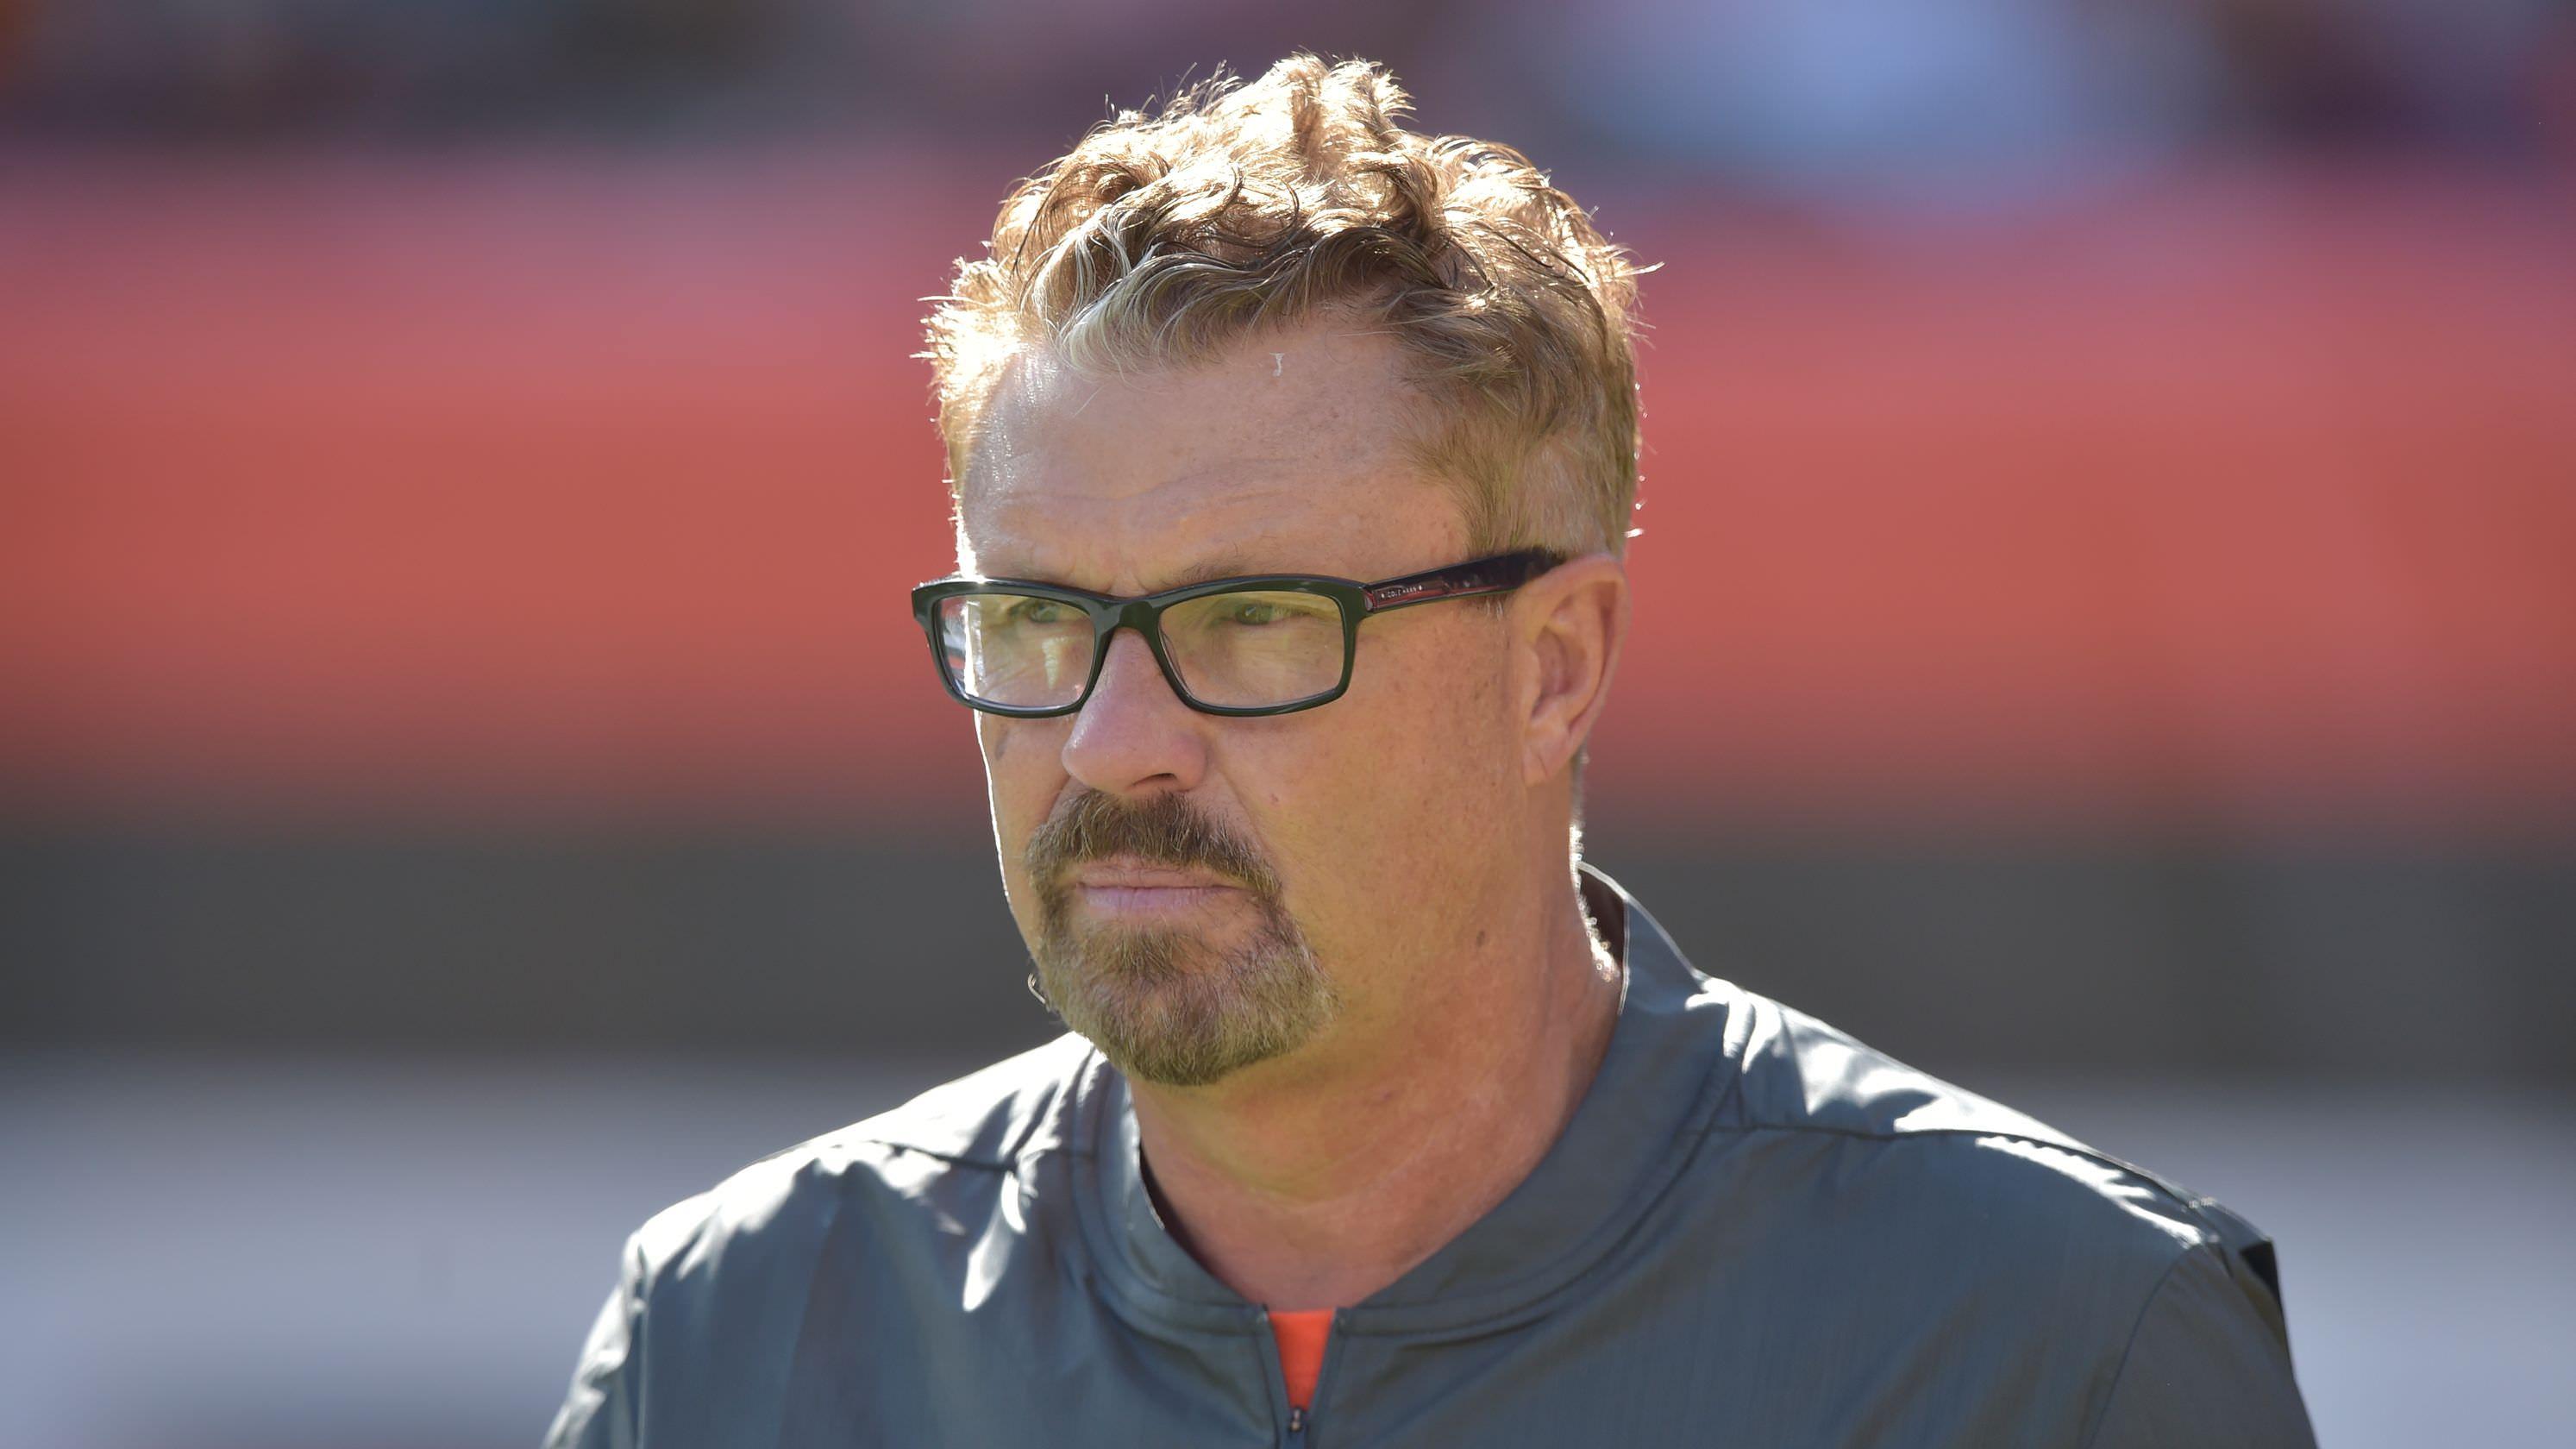 Claro Browns promovem Gregg Williams, o treinador por trás do escândalo de Bountygat